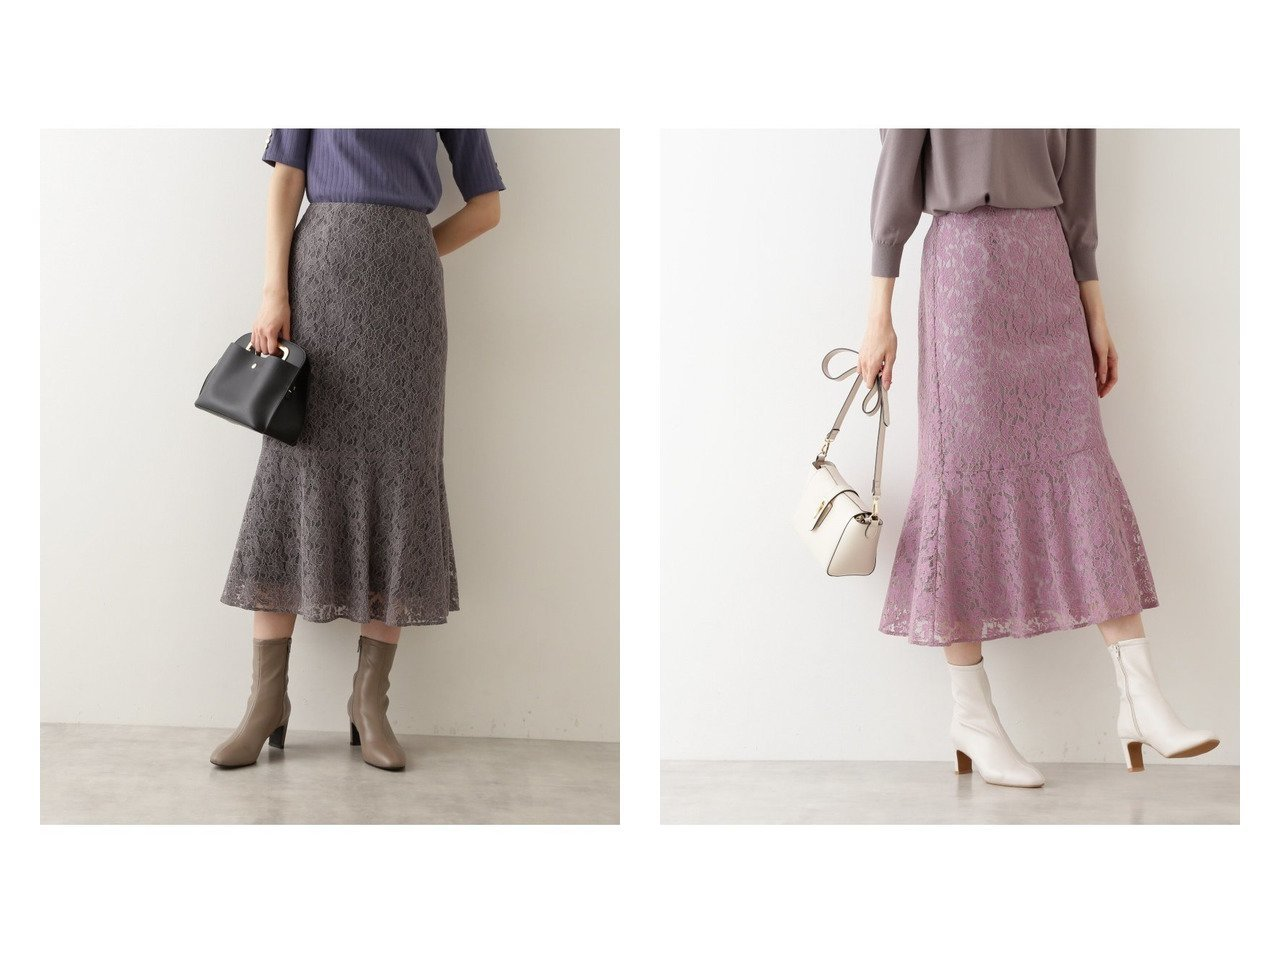 【NATURAL BEAUTY BASIC/ナチュラル ビューティー ベーシック】のバイカラーレーススカート 【スカート】おすすめ!人気、トレンド・レディースファッションの通販   おすすめで人気の流行・トレンド、ファッションの通販商品 インテリア・家具・メンズファッション・キッズファッション・レディースファッション・服の通販 founy(ファニー) https://founy.com/ ファッション Fashion レディースファッション WOMEN スカート Skirt シンプル フラワー フレア モチーフ レース  ID:crp329100000065923